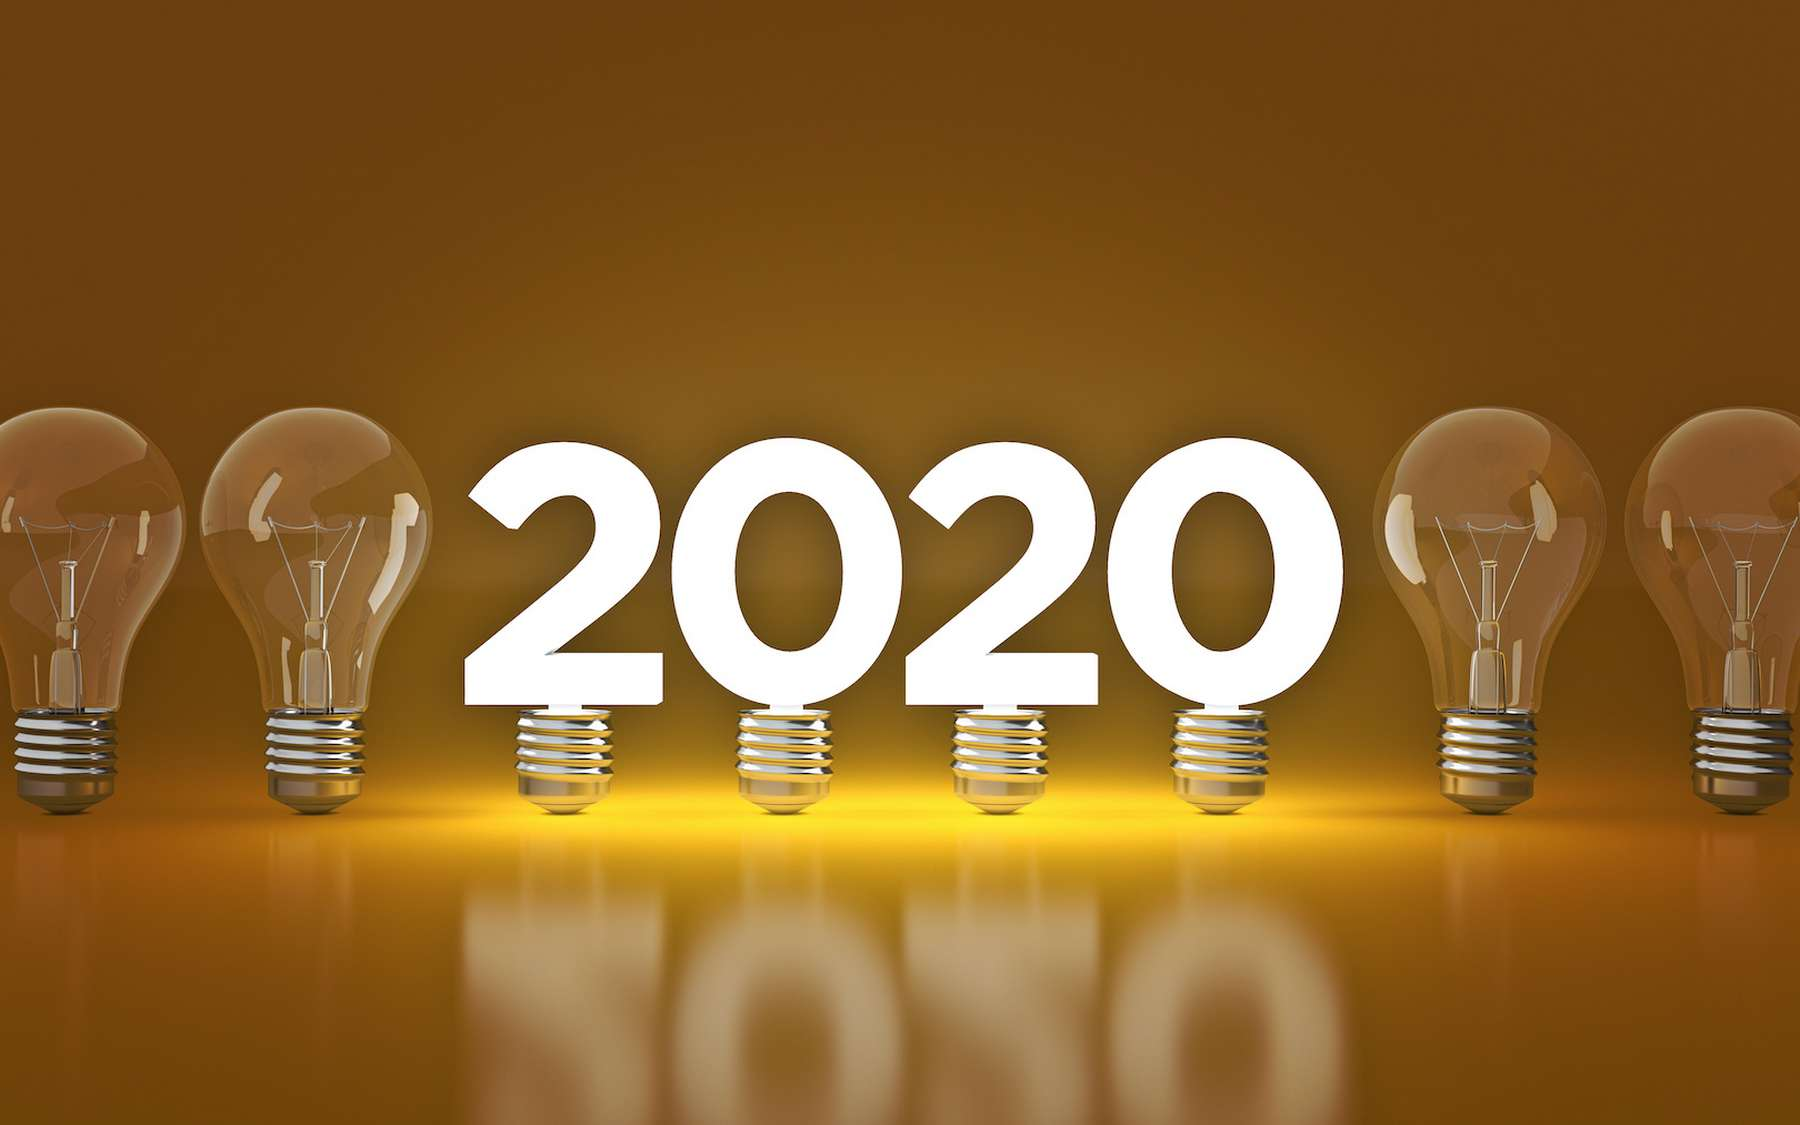 Les 10 meilleures inventions de 2020. © lchumpitaz, Adobe Stock